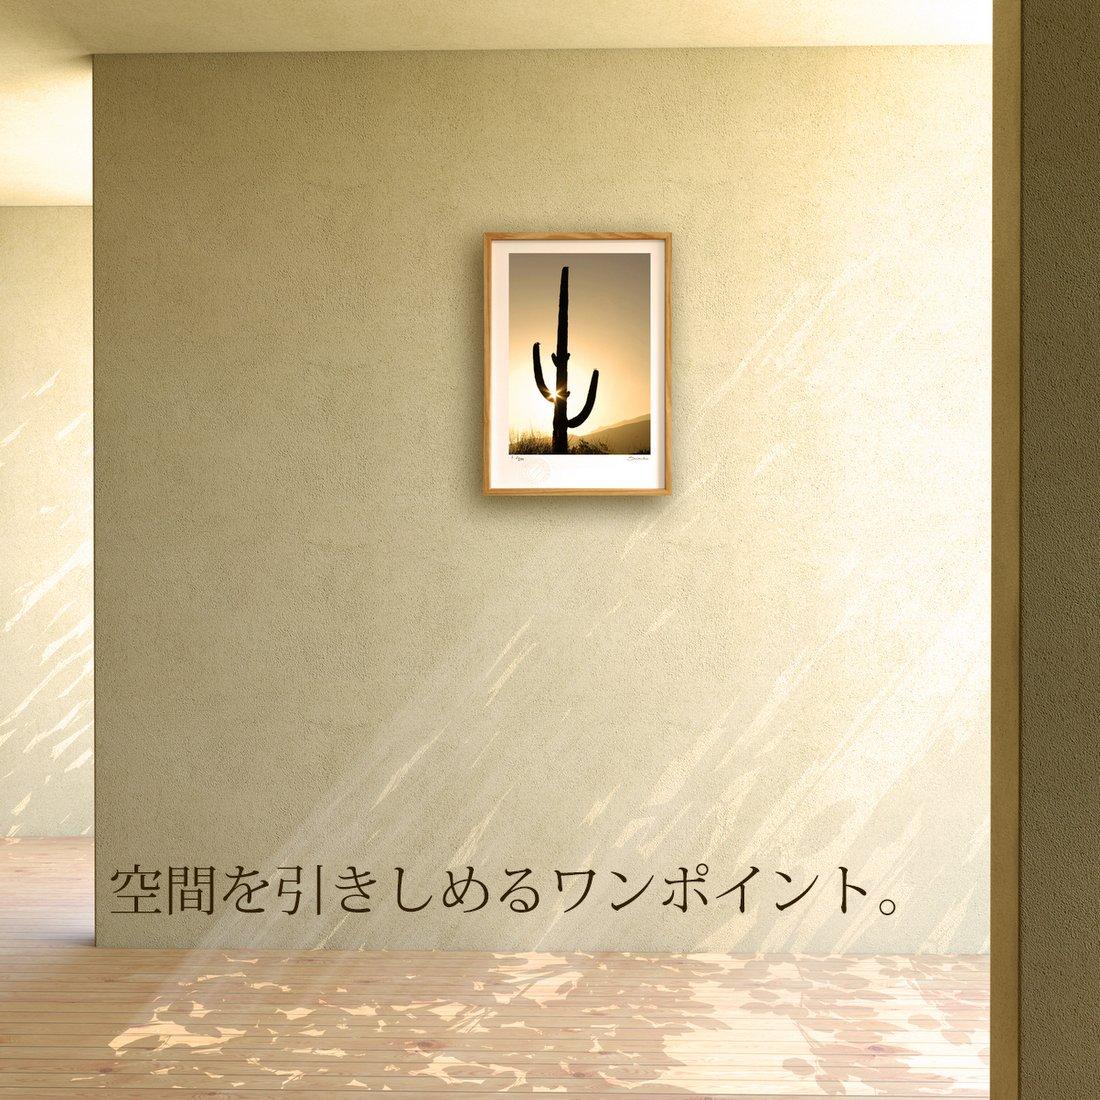 【版画 絵画】デスバレー国立公園(スミコ スコット)/インテリア 壁掛け 額入り アート アートパネル アートフレーム